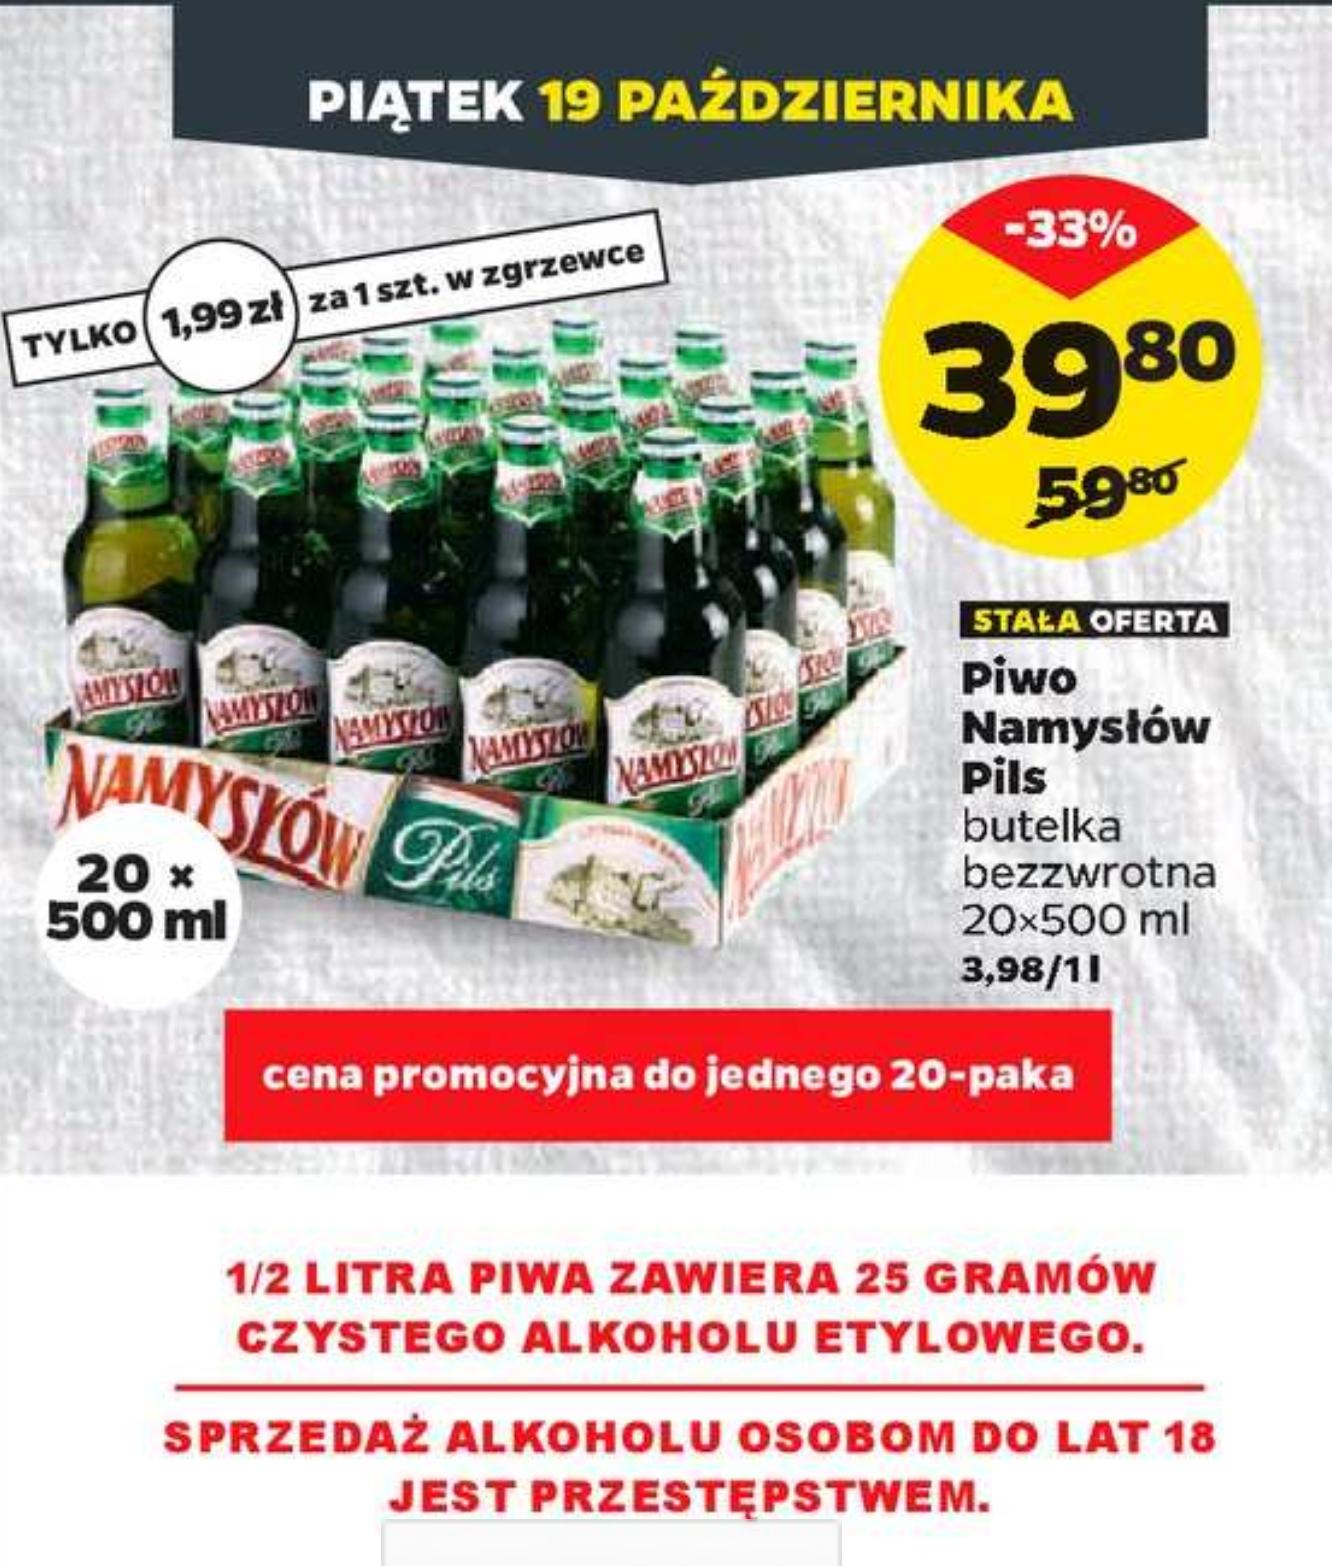 Piwo Namysłów  - Netto